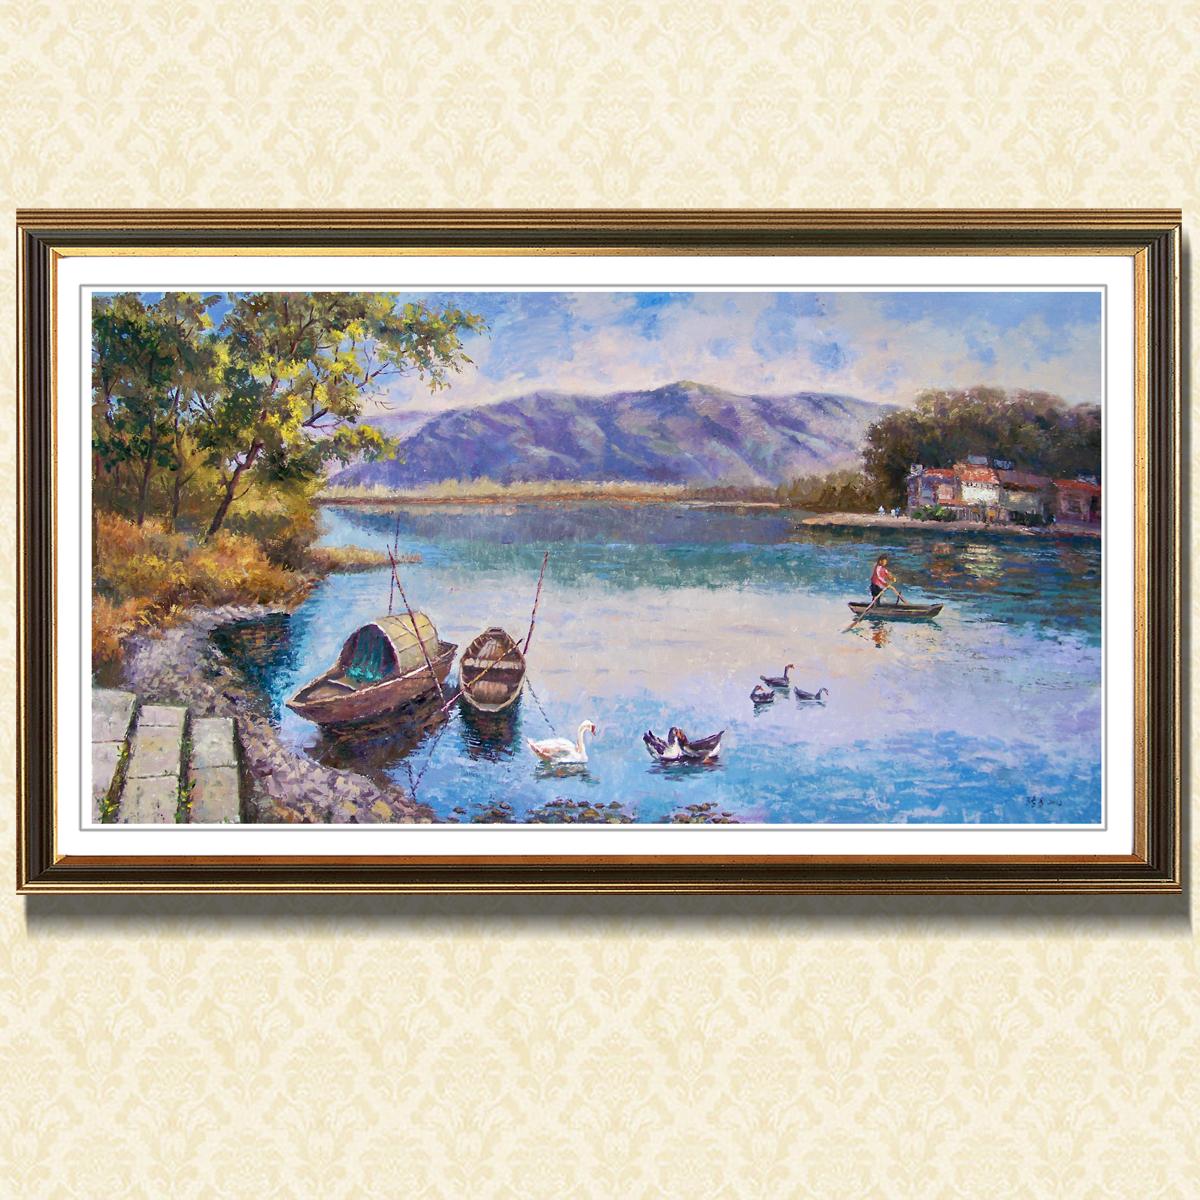 寫生《湖上放歌》油畫手繪風景寫實抽象原創印象派美院客廳裝飾畫